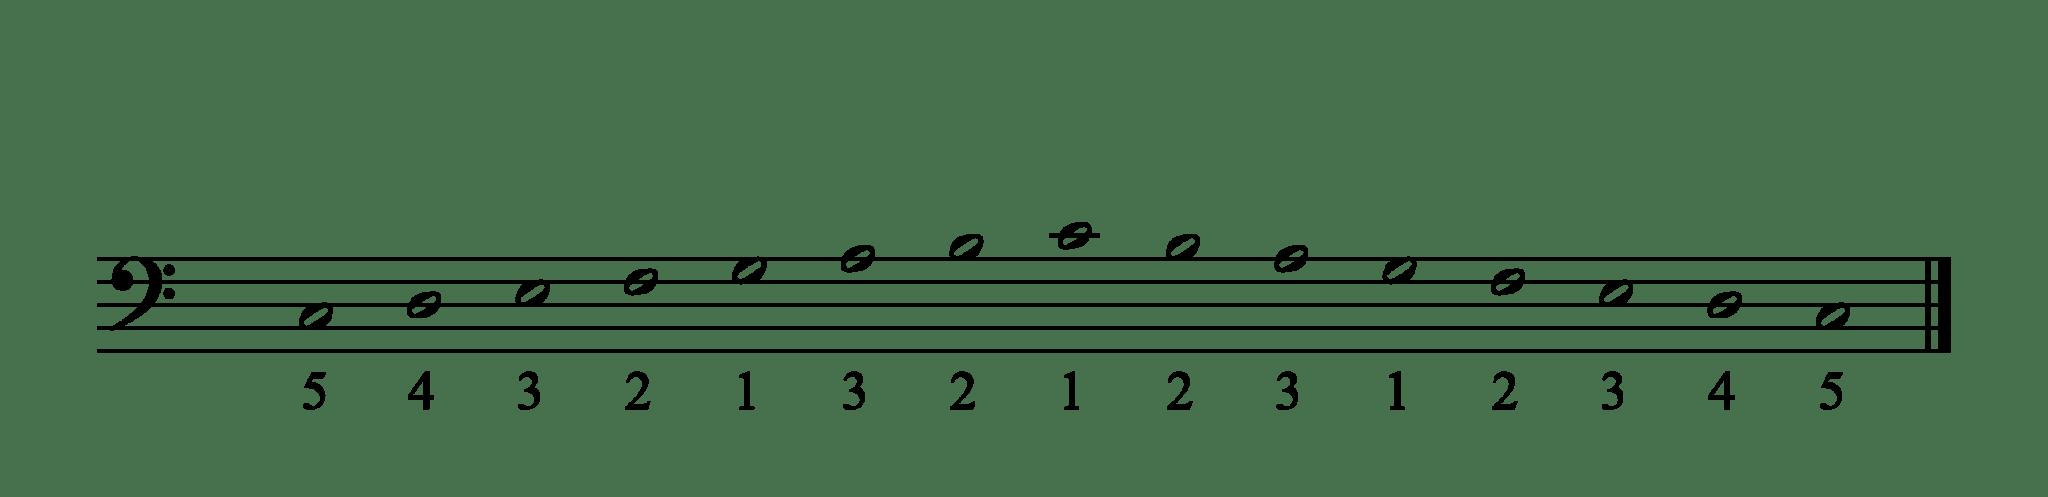 Les Gammes Majeures au piano : tous les doigtés - 100Piano100Blog